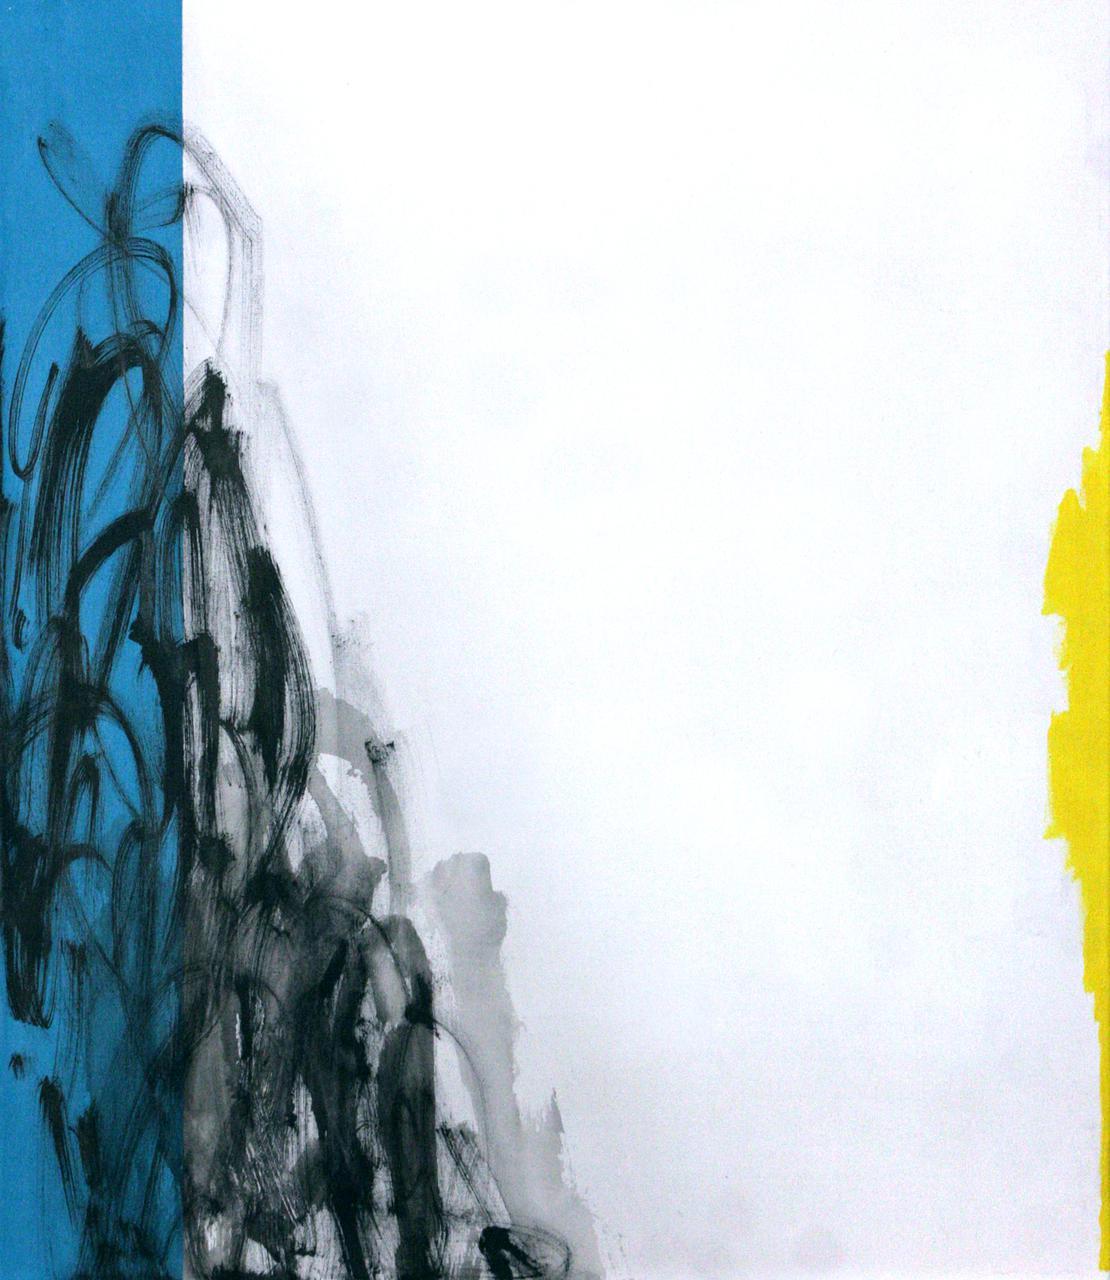 Άτιτλο (Symphonies series I), 2013, λάδι και ακρυλικό σε καμβά, 70Χ60 εκ.